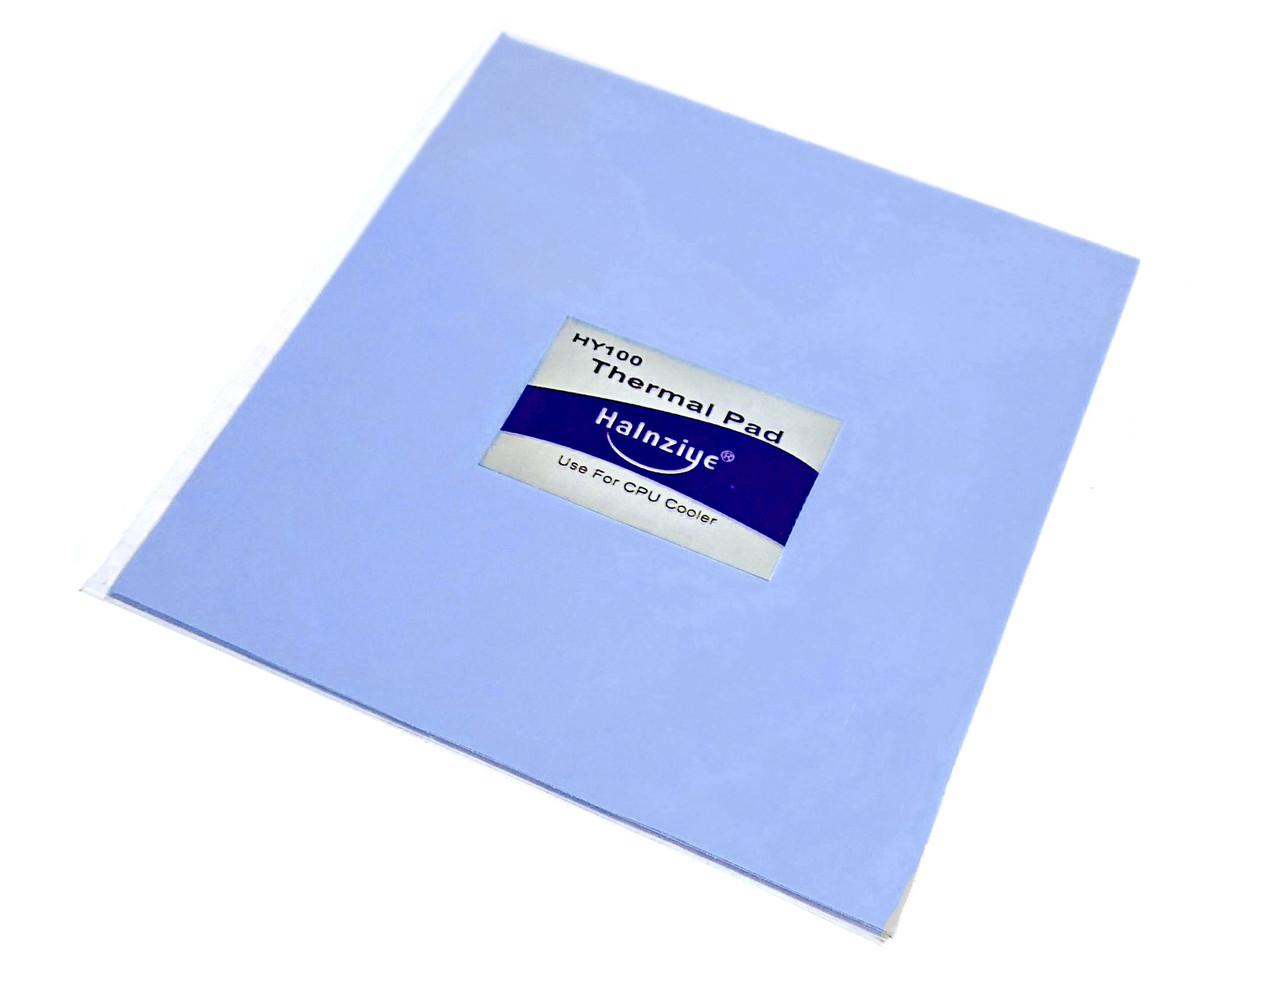 Термопрокладка Halnziye HC20 1.0мм 100х100 синяя 4 Вт/(м*К) термоинтерфейс для ноутбука (TPr-HC20)